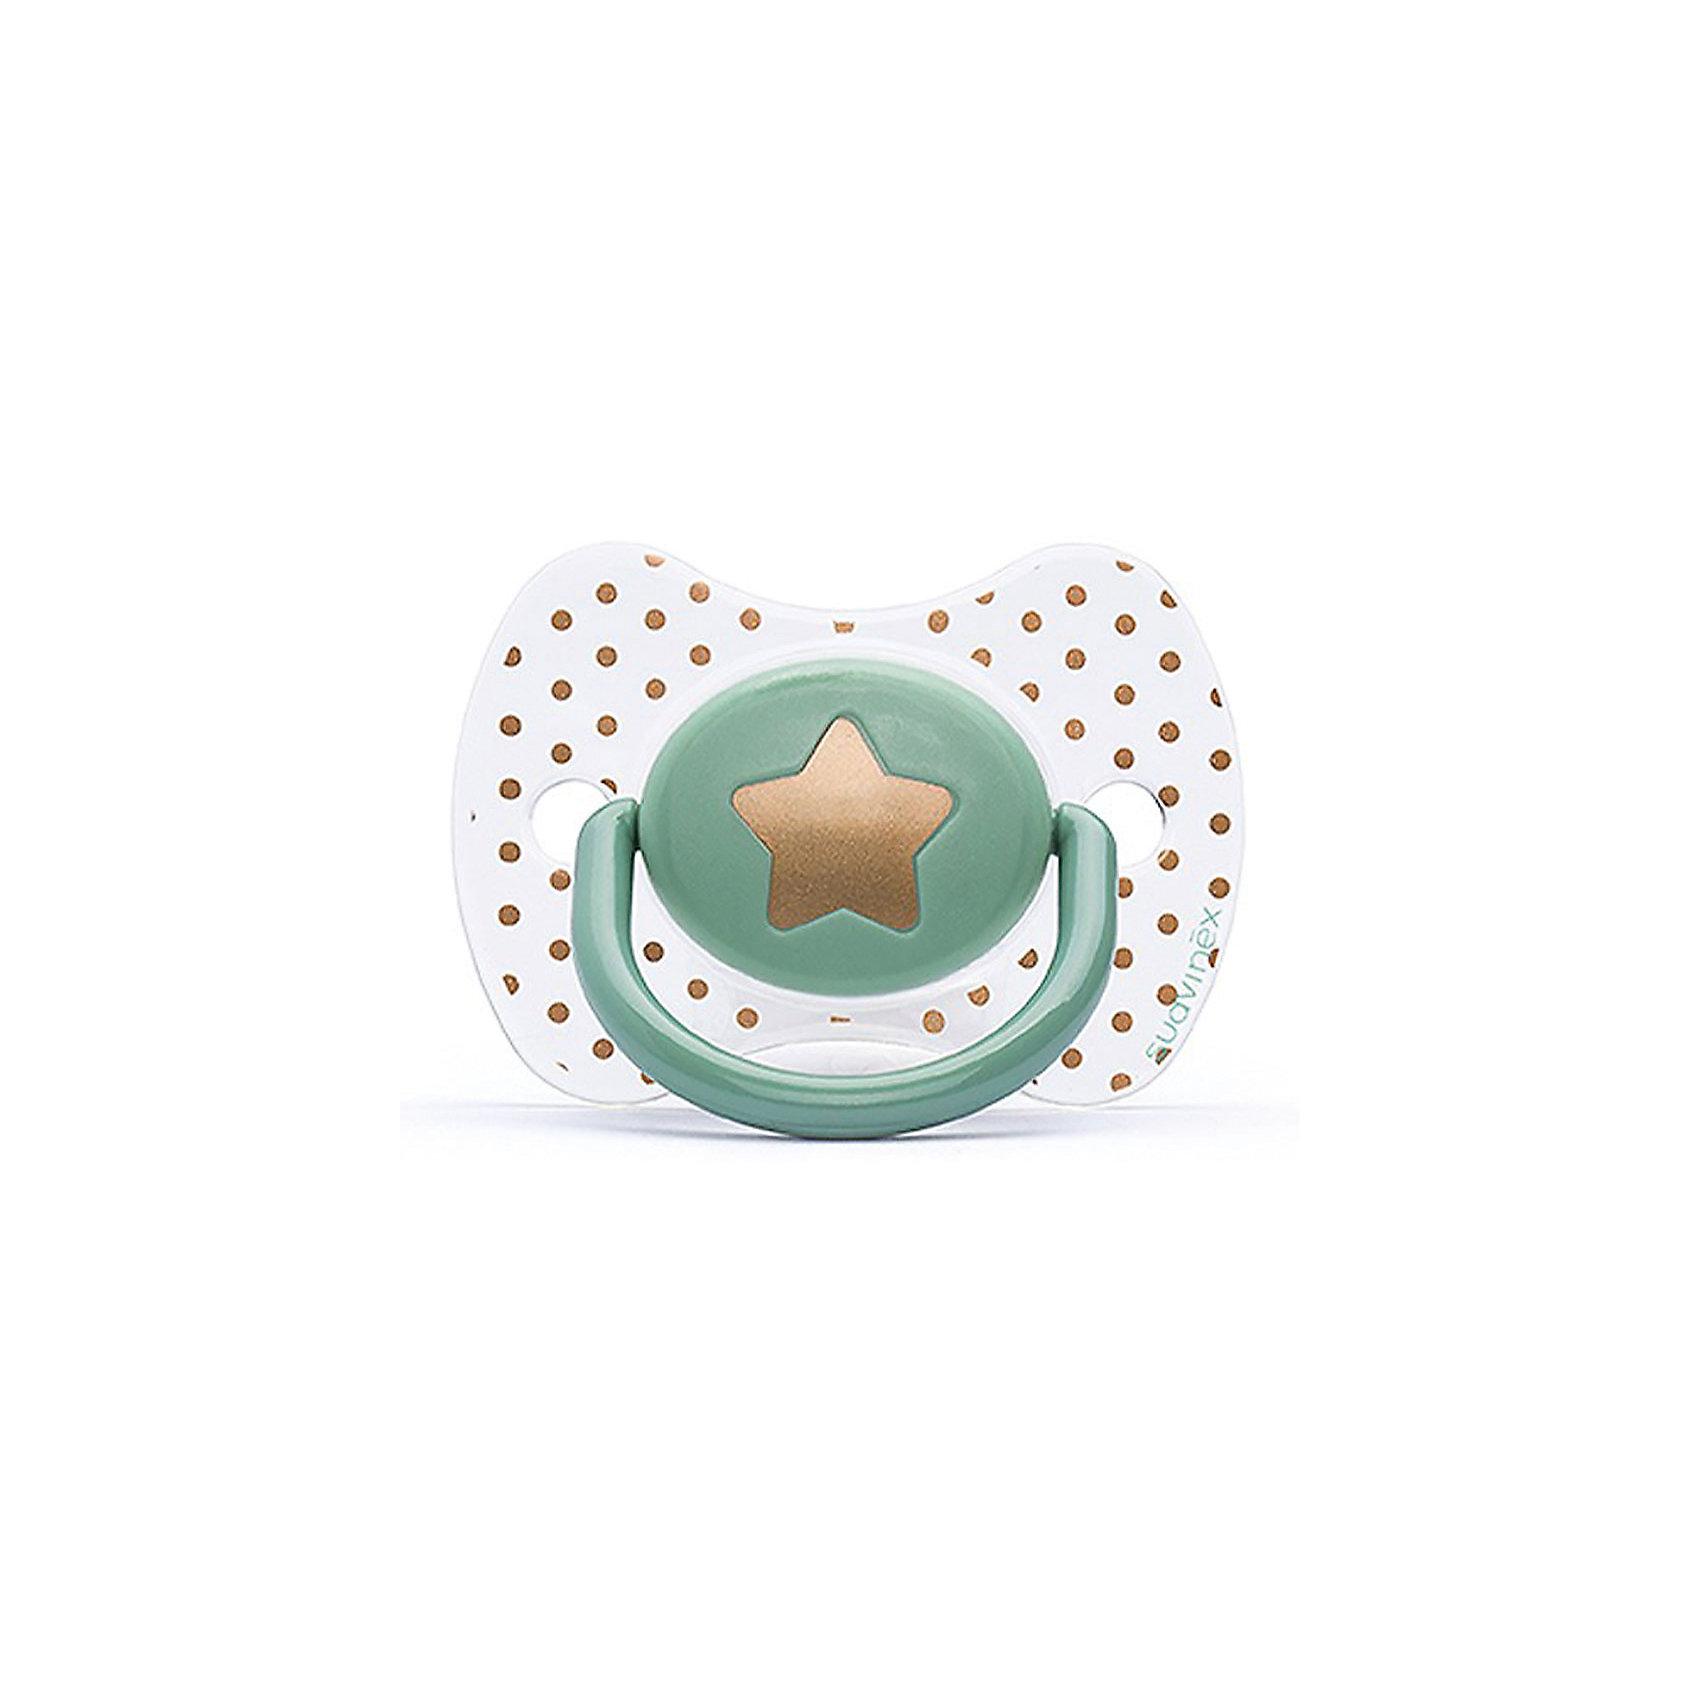 Пустышка силиконовая Haute Couture, от 4 мес, Suavinex, зеленый звездаХарактеристики:<br><br>• Наименование: пустышка<br>• Рекомендуемый возраст: от 0 до 4 месяцев<br>• Пол: универсальный<br>• Материал: силикон, пластик<br>• Цвет: зеленый, белый, золотистый<br>• Рисунок: звезда, горошинки<br>• Форма: физиологическая<br>• Наличие вентиляционных отверстий <br>• Кольцо для держателя<br>• С эффектом позолоты<br>• Вес: 31 г<br>• Параметры (Д*Ш*В): 6,1*6,1*9,1 см <br>• Особенности ухода: можно мыть в теплой воде, регулярная стерилизация <br><br>Пустышка Haute Couture от 0 до 4 мес, Suavinex, зеленый звезда изготовлена испанским торговым брендом, специализирующимся на выпуске товаров для кормления и аксессуаров новорожденным и младенцам. Продукция от Suavinex разработана с учетом рекомендаций педиатров и стоматологов, что гарантирует качество и безопасность использованных материалов. <br><br>Пластик, из которого изготовлено изделие, устойчив к появлению царапин и сколов, благодаря чему пустышка длительное время сохраняет свои гигиенические свойства. Форма у соски способствует равномерному распределению давления на небо, что обеспечивает правильное формирование речевого аппарата. <br><br>Пустышка имеет классическую форму, для прикрепления держателя предусмотрено кольцо. Изделие выполнено в брендовом дизайне, с изображением звезды. Рисунок с эффектом позолоты нанесен по инновационной технологии, которая обеспечивает стойкость рисунка даже при длительном использовании и частой стерилизации.<br><br>Пустышку Haute Couture от 0 до 4 мес, Suavinex, зеленый звезда можно купить в нашем интернет-магазине.<br><br>Ширина мм: 61<br>Глубина мм: 61<br>Высота мм: 91<br>Вес г: 31<br>Возраст от месяцев: 0<br>Возраст до месяцев: 24<br>Пол: Унисекс<br>Возраст: Детский<br>SKU: 5451273